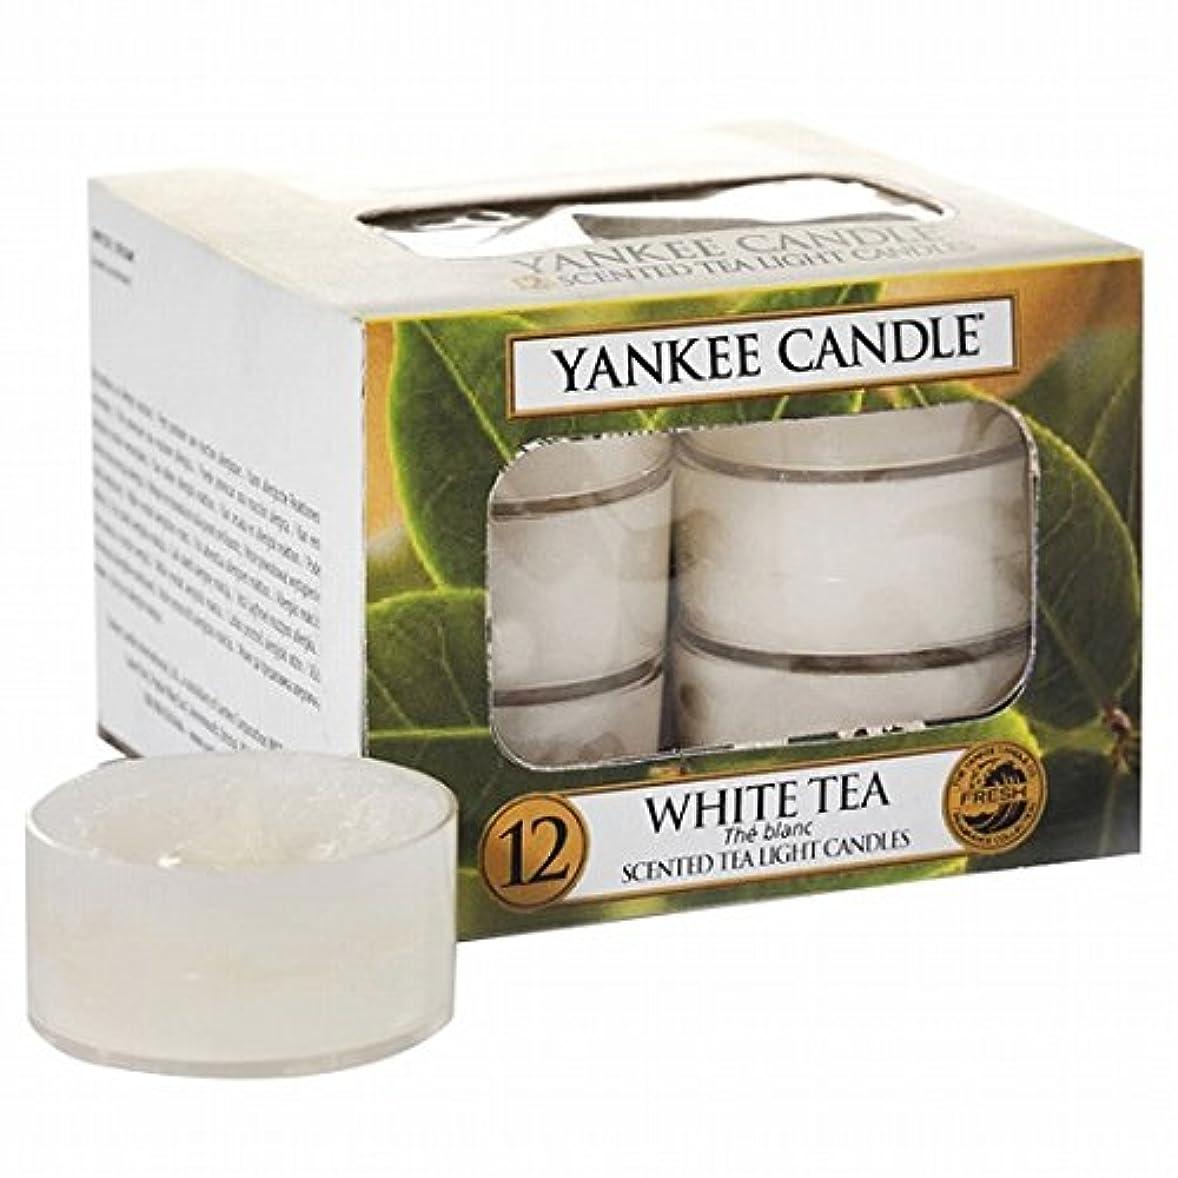 重さ特に効果ヤンキーキャンドル(YANKEE CANDLE) YANKEE CANDLE クリアカップティーライト12個入り 「ホワイトティー」